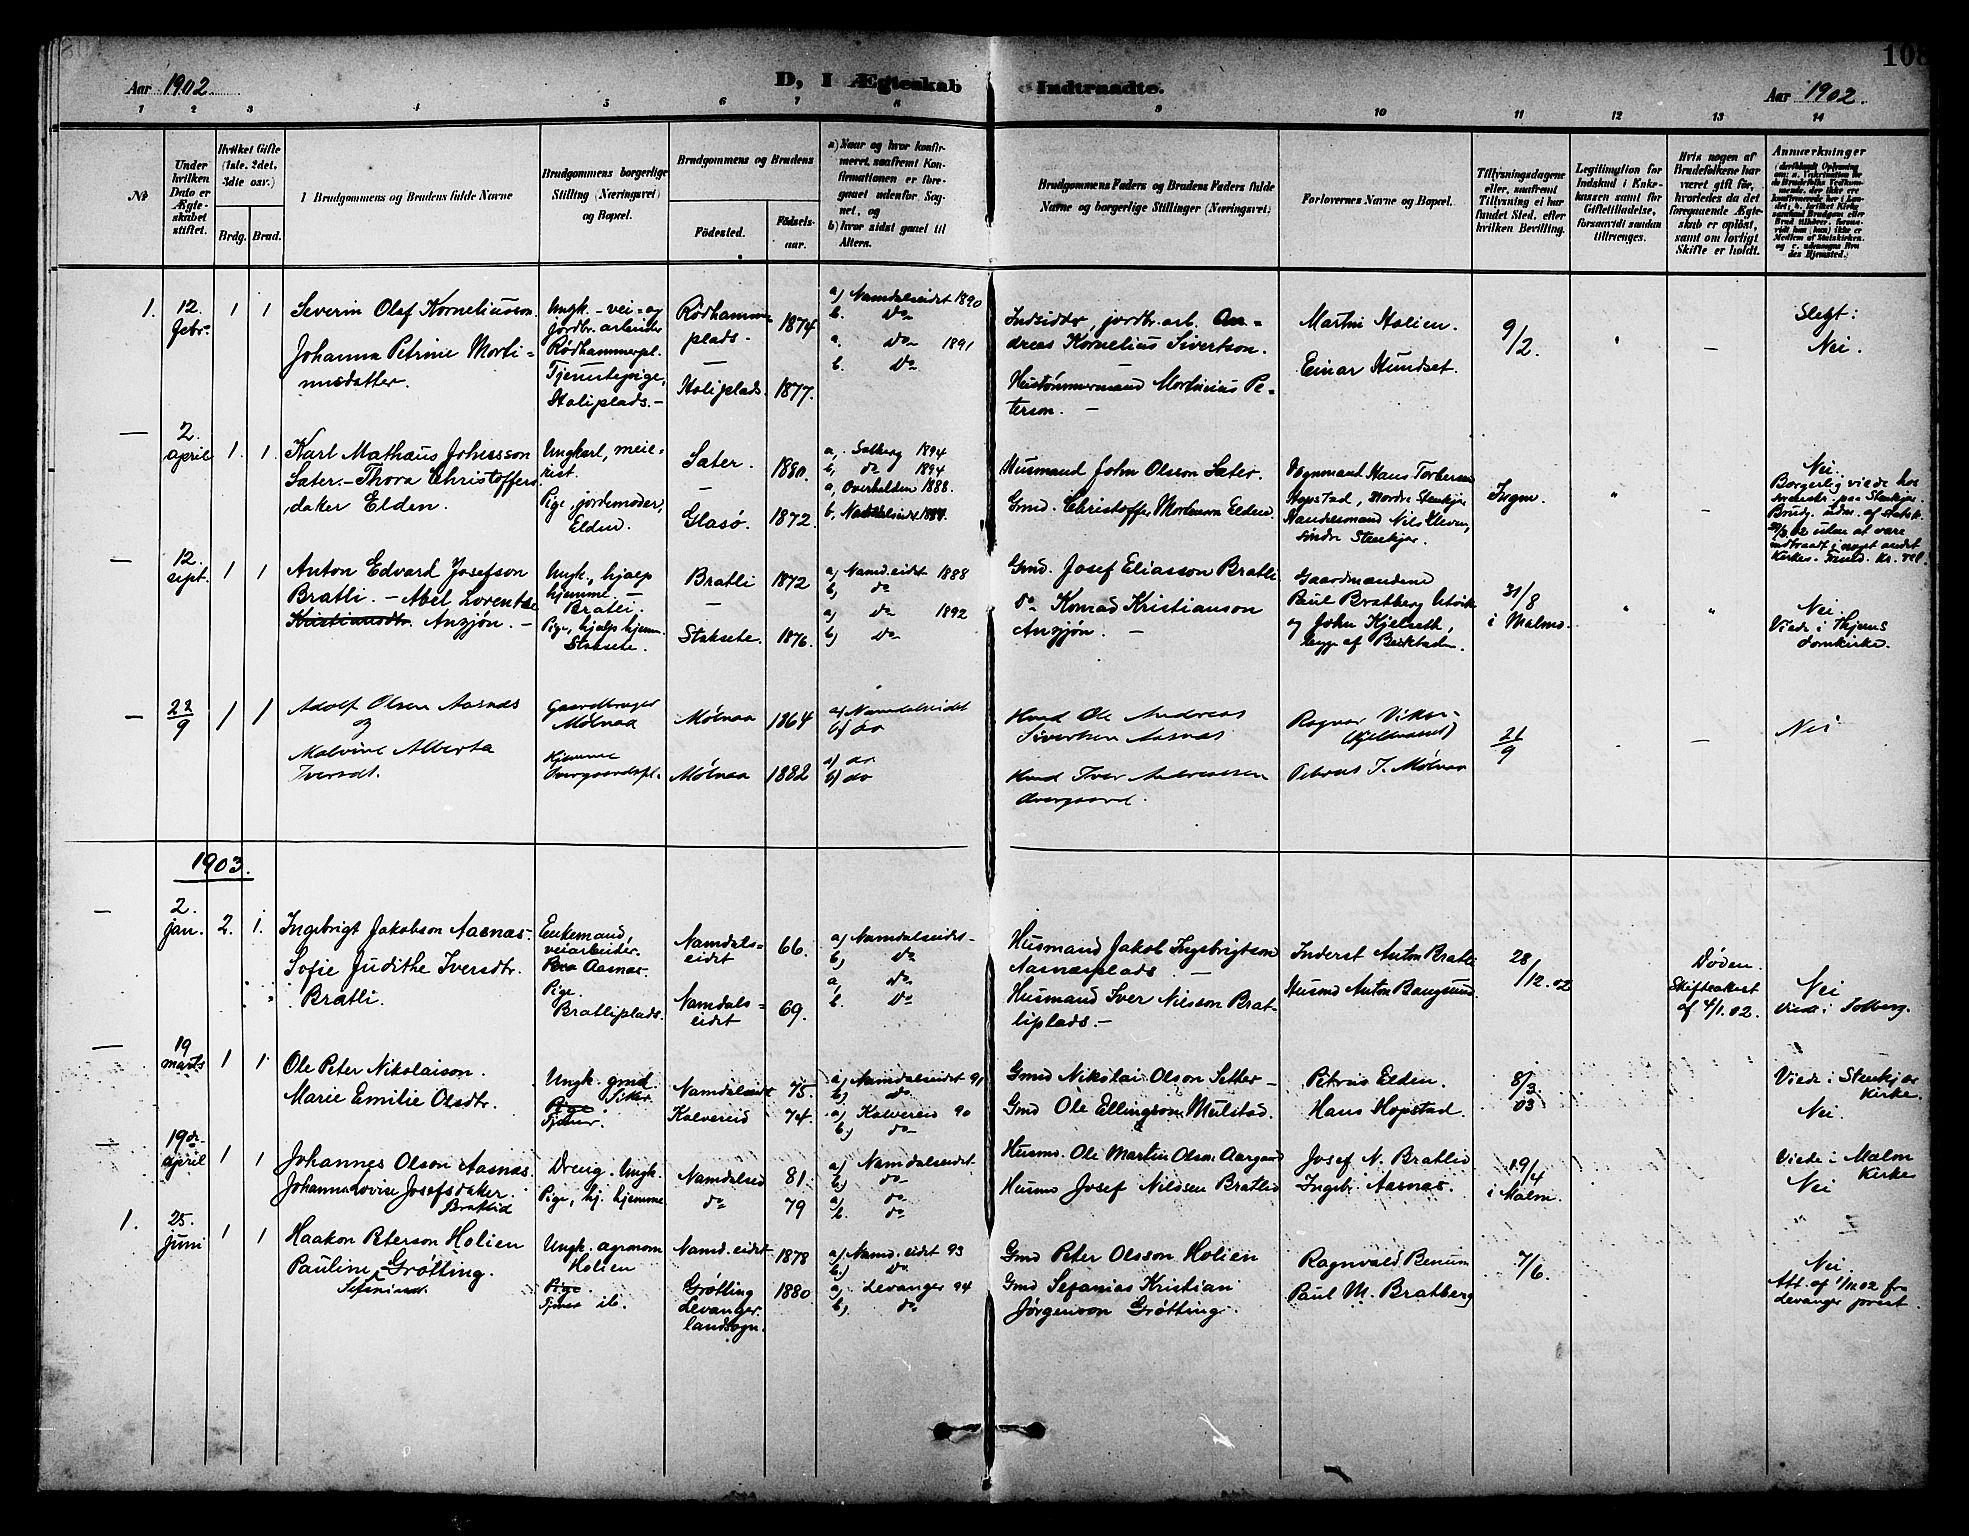 SAT, Ministerialprotokoller, klokkerbøker og fødselsregistre - Nord-Trøndelag, 742/L0412: Klokkerbok nr. 742C03, 1898-1910, s. 108